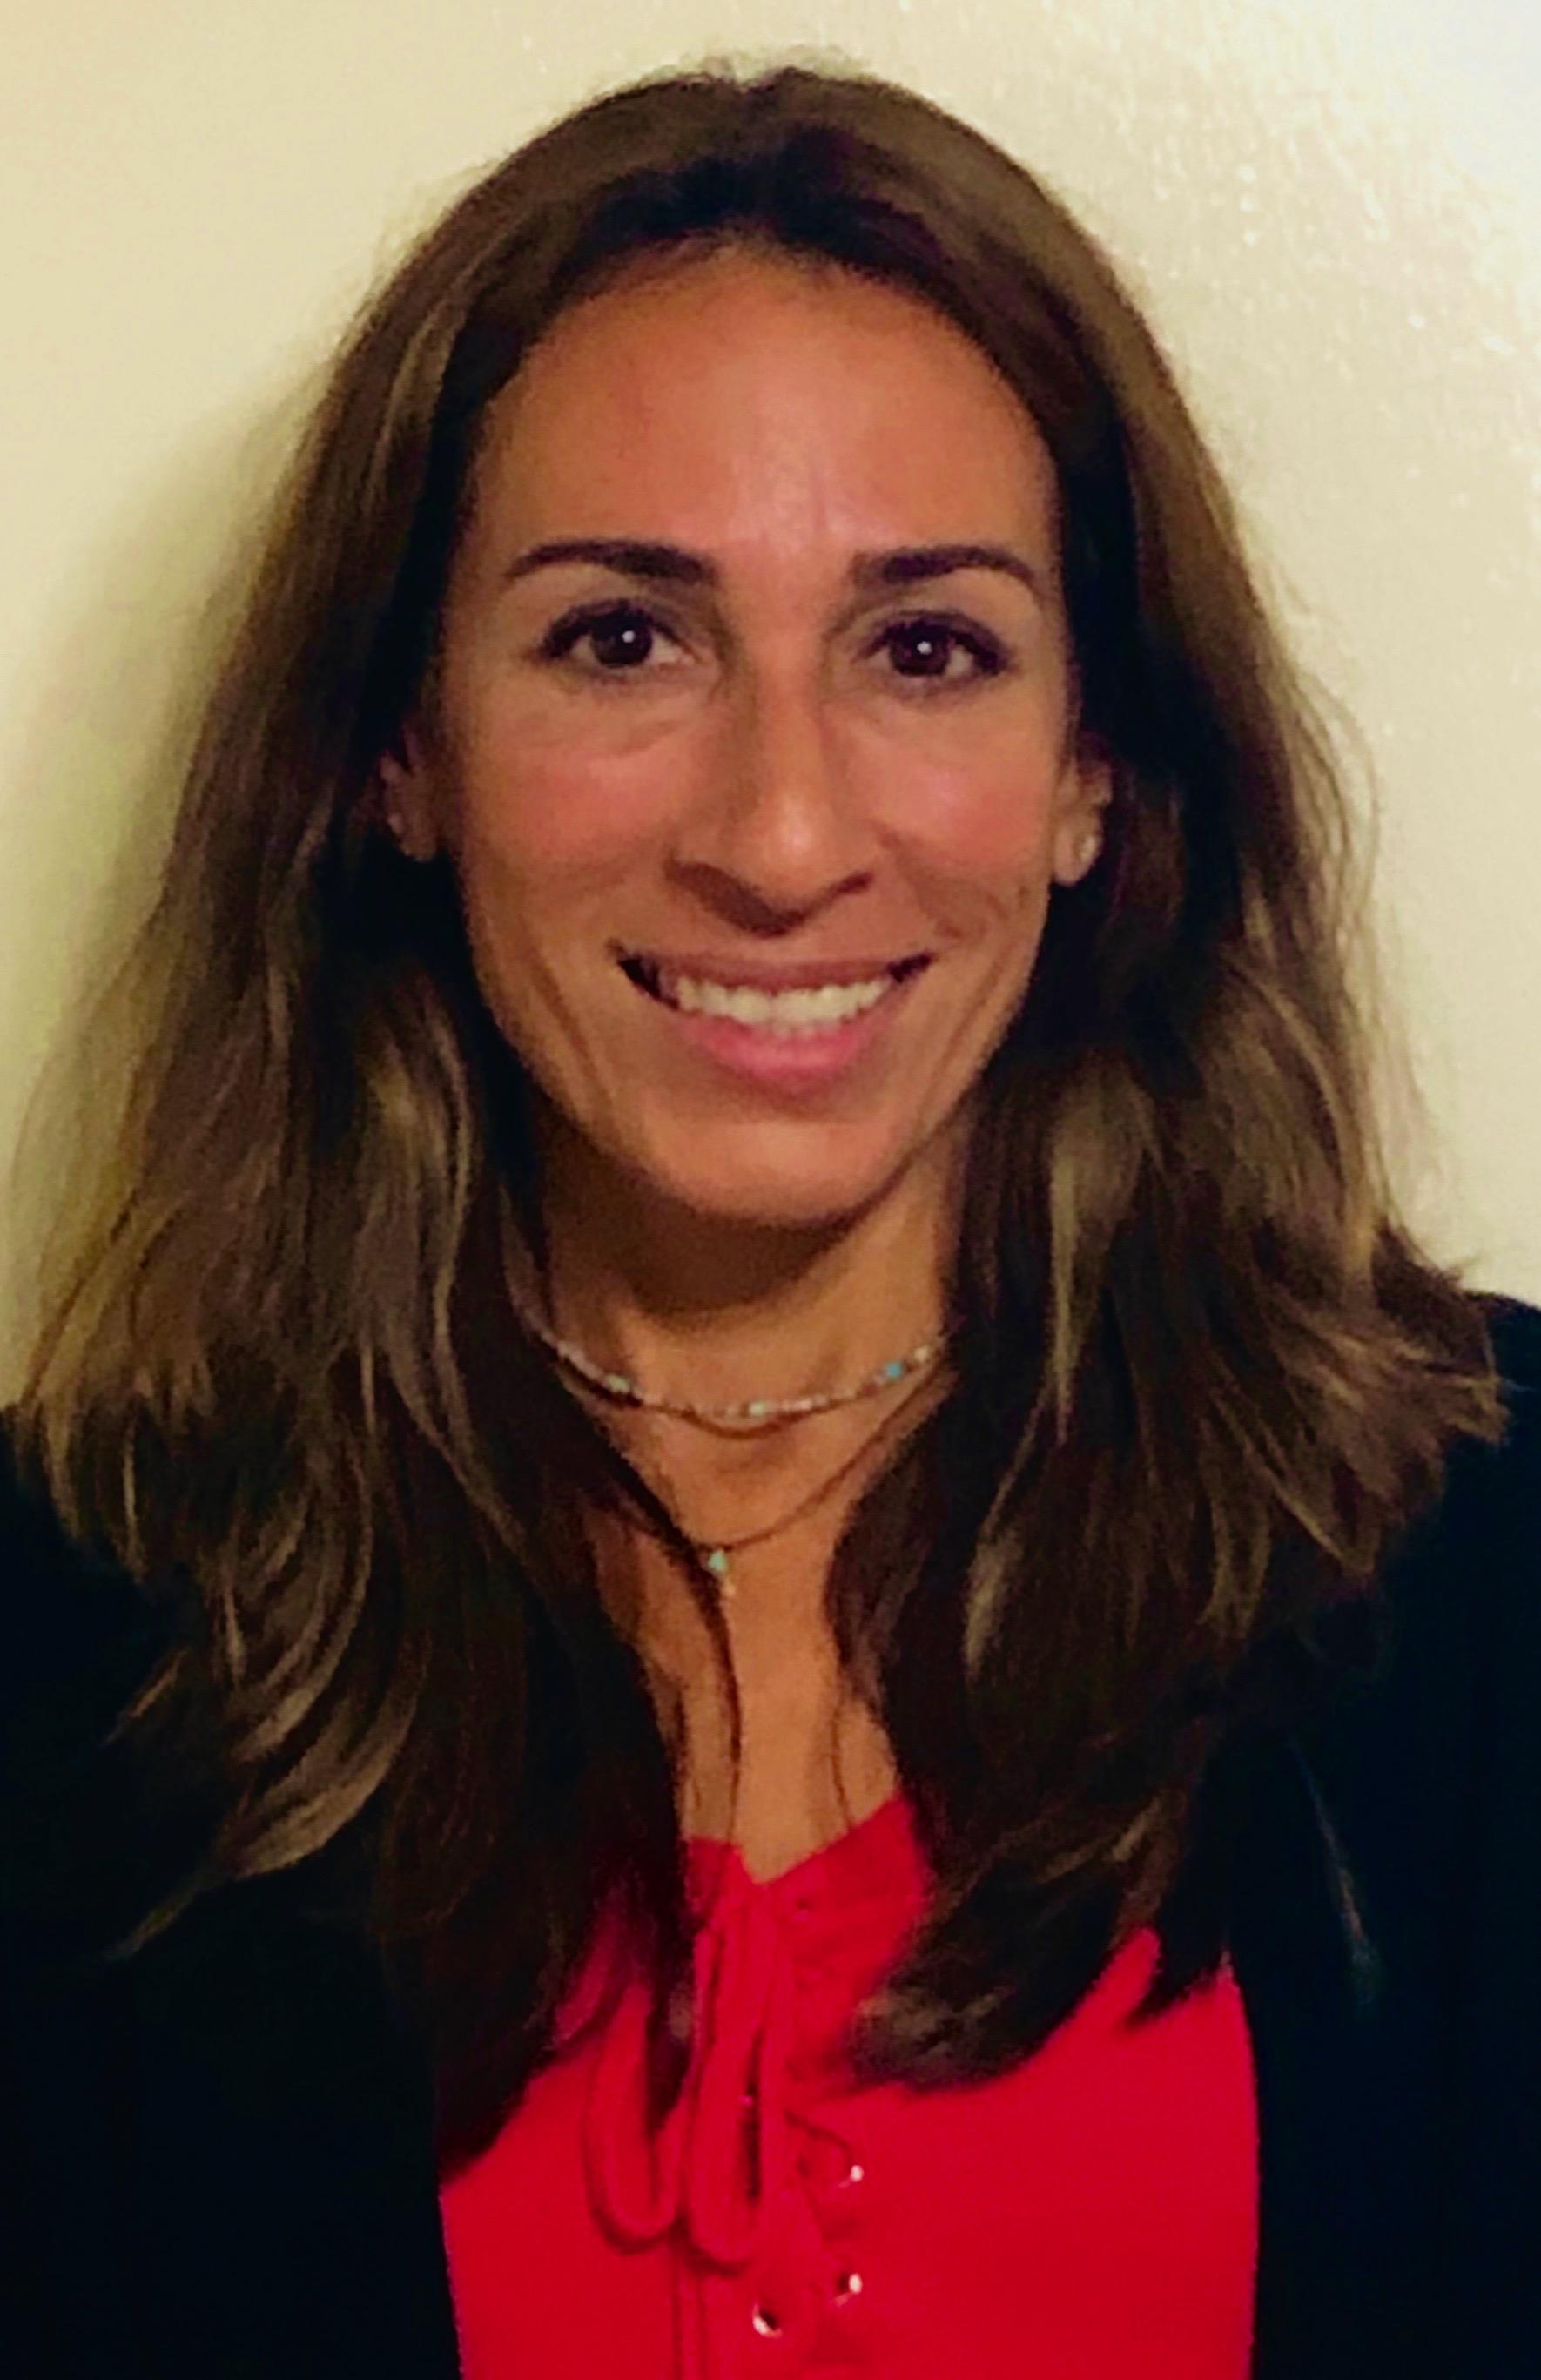 Agent Linda Gascue